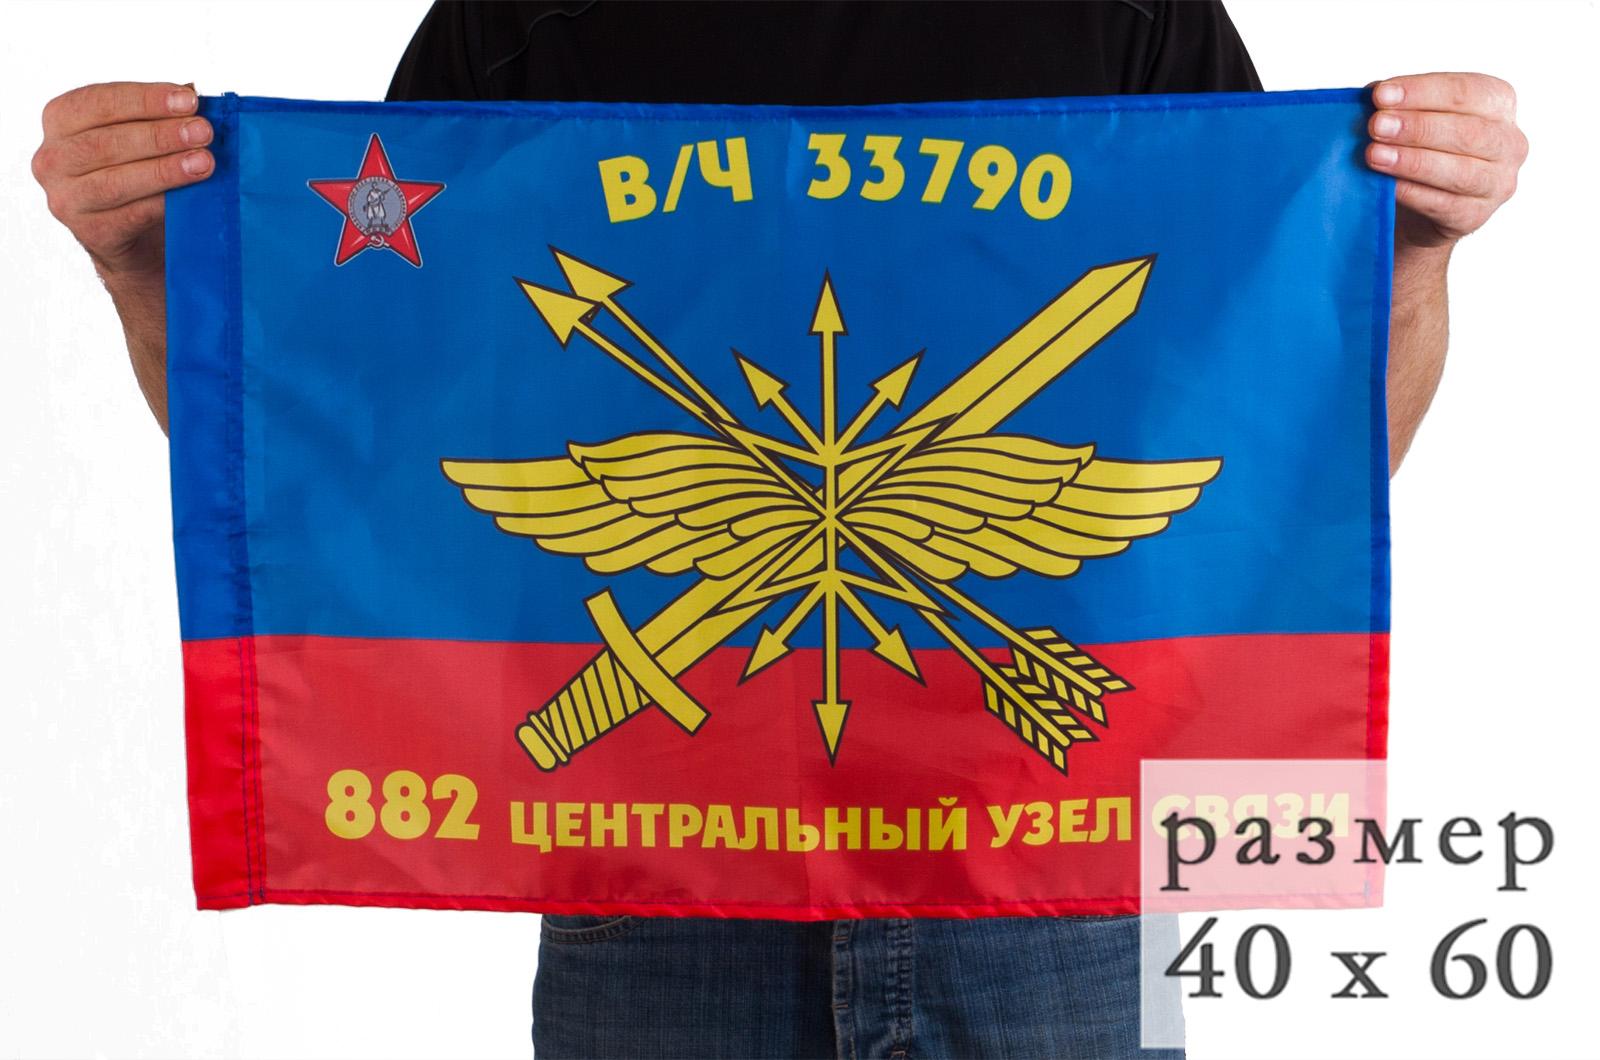 Флаг 882 ЦУС РВСН